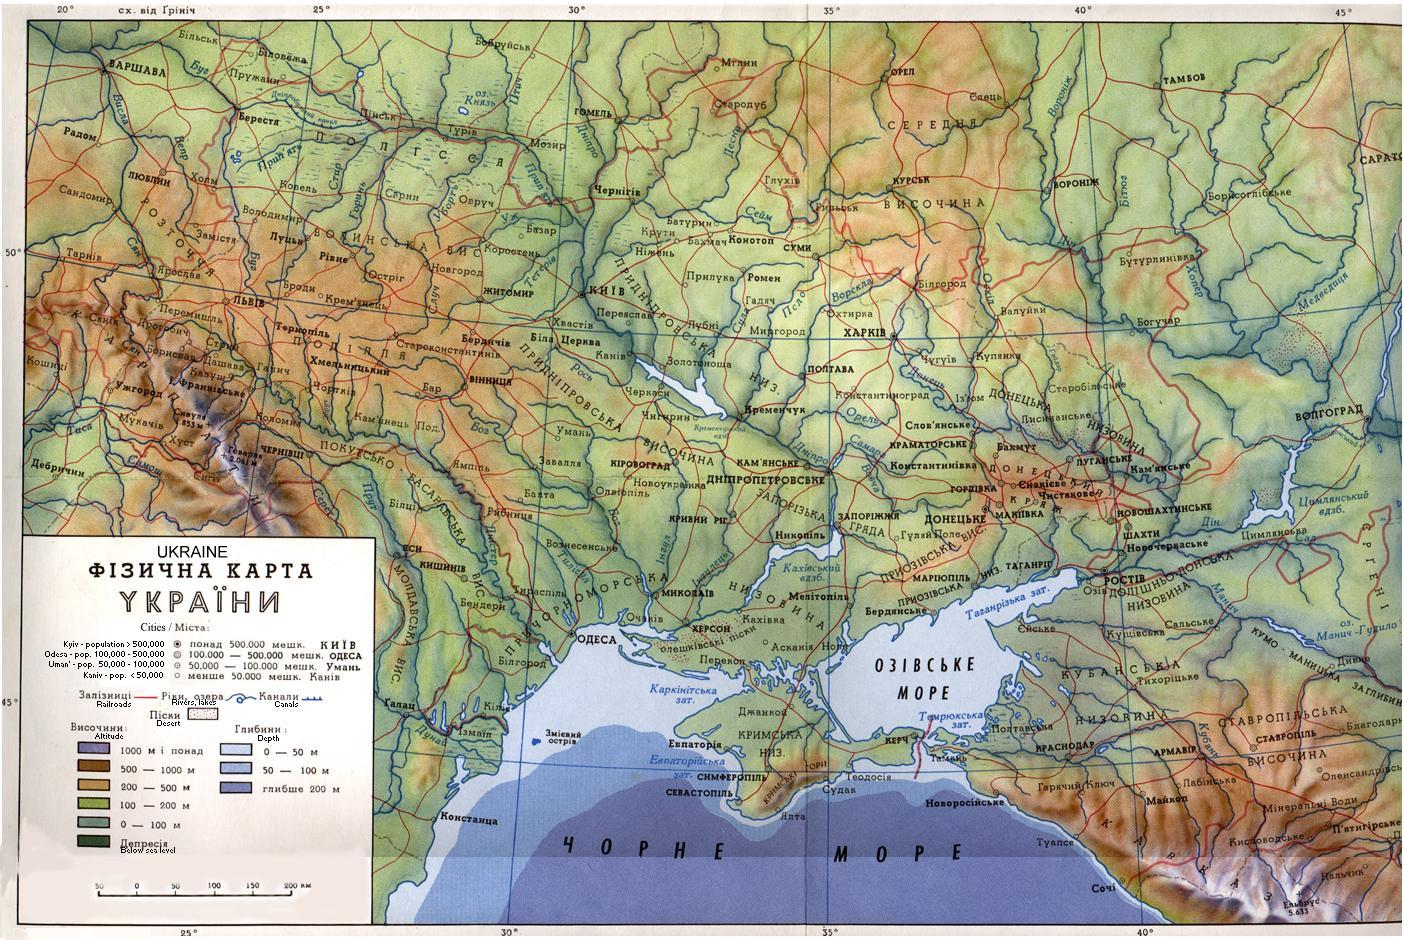 Діаспори озівське море кольорова